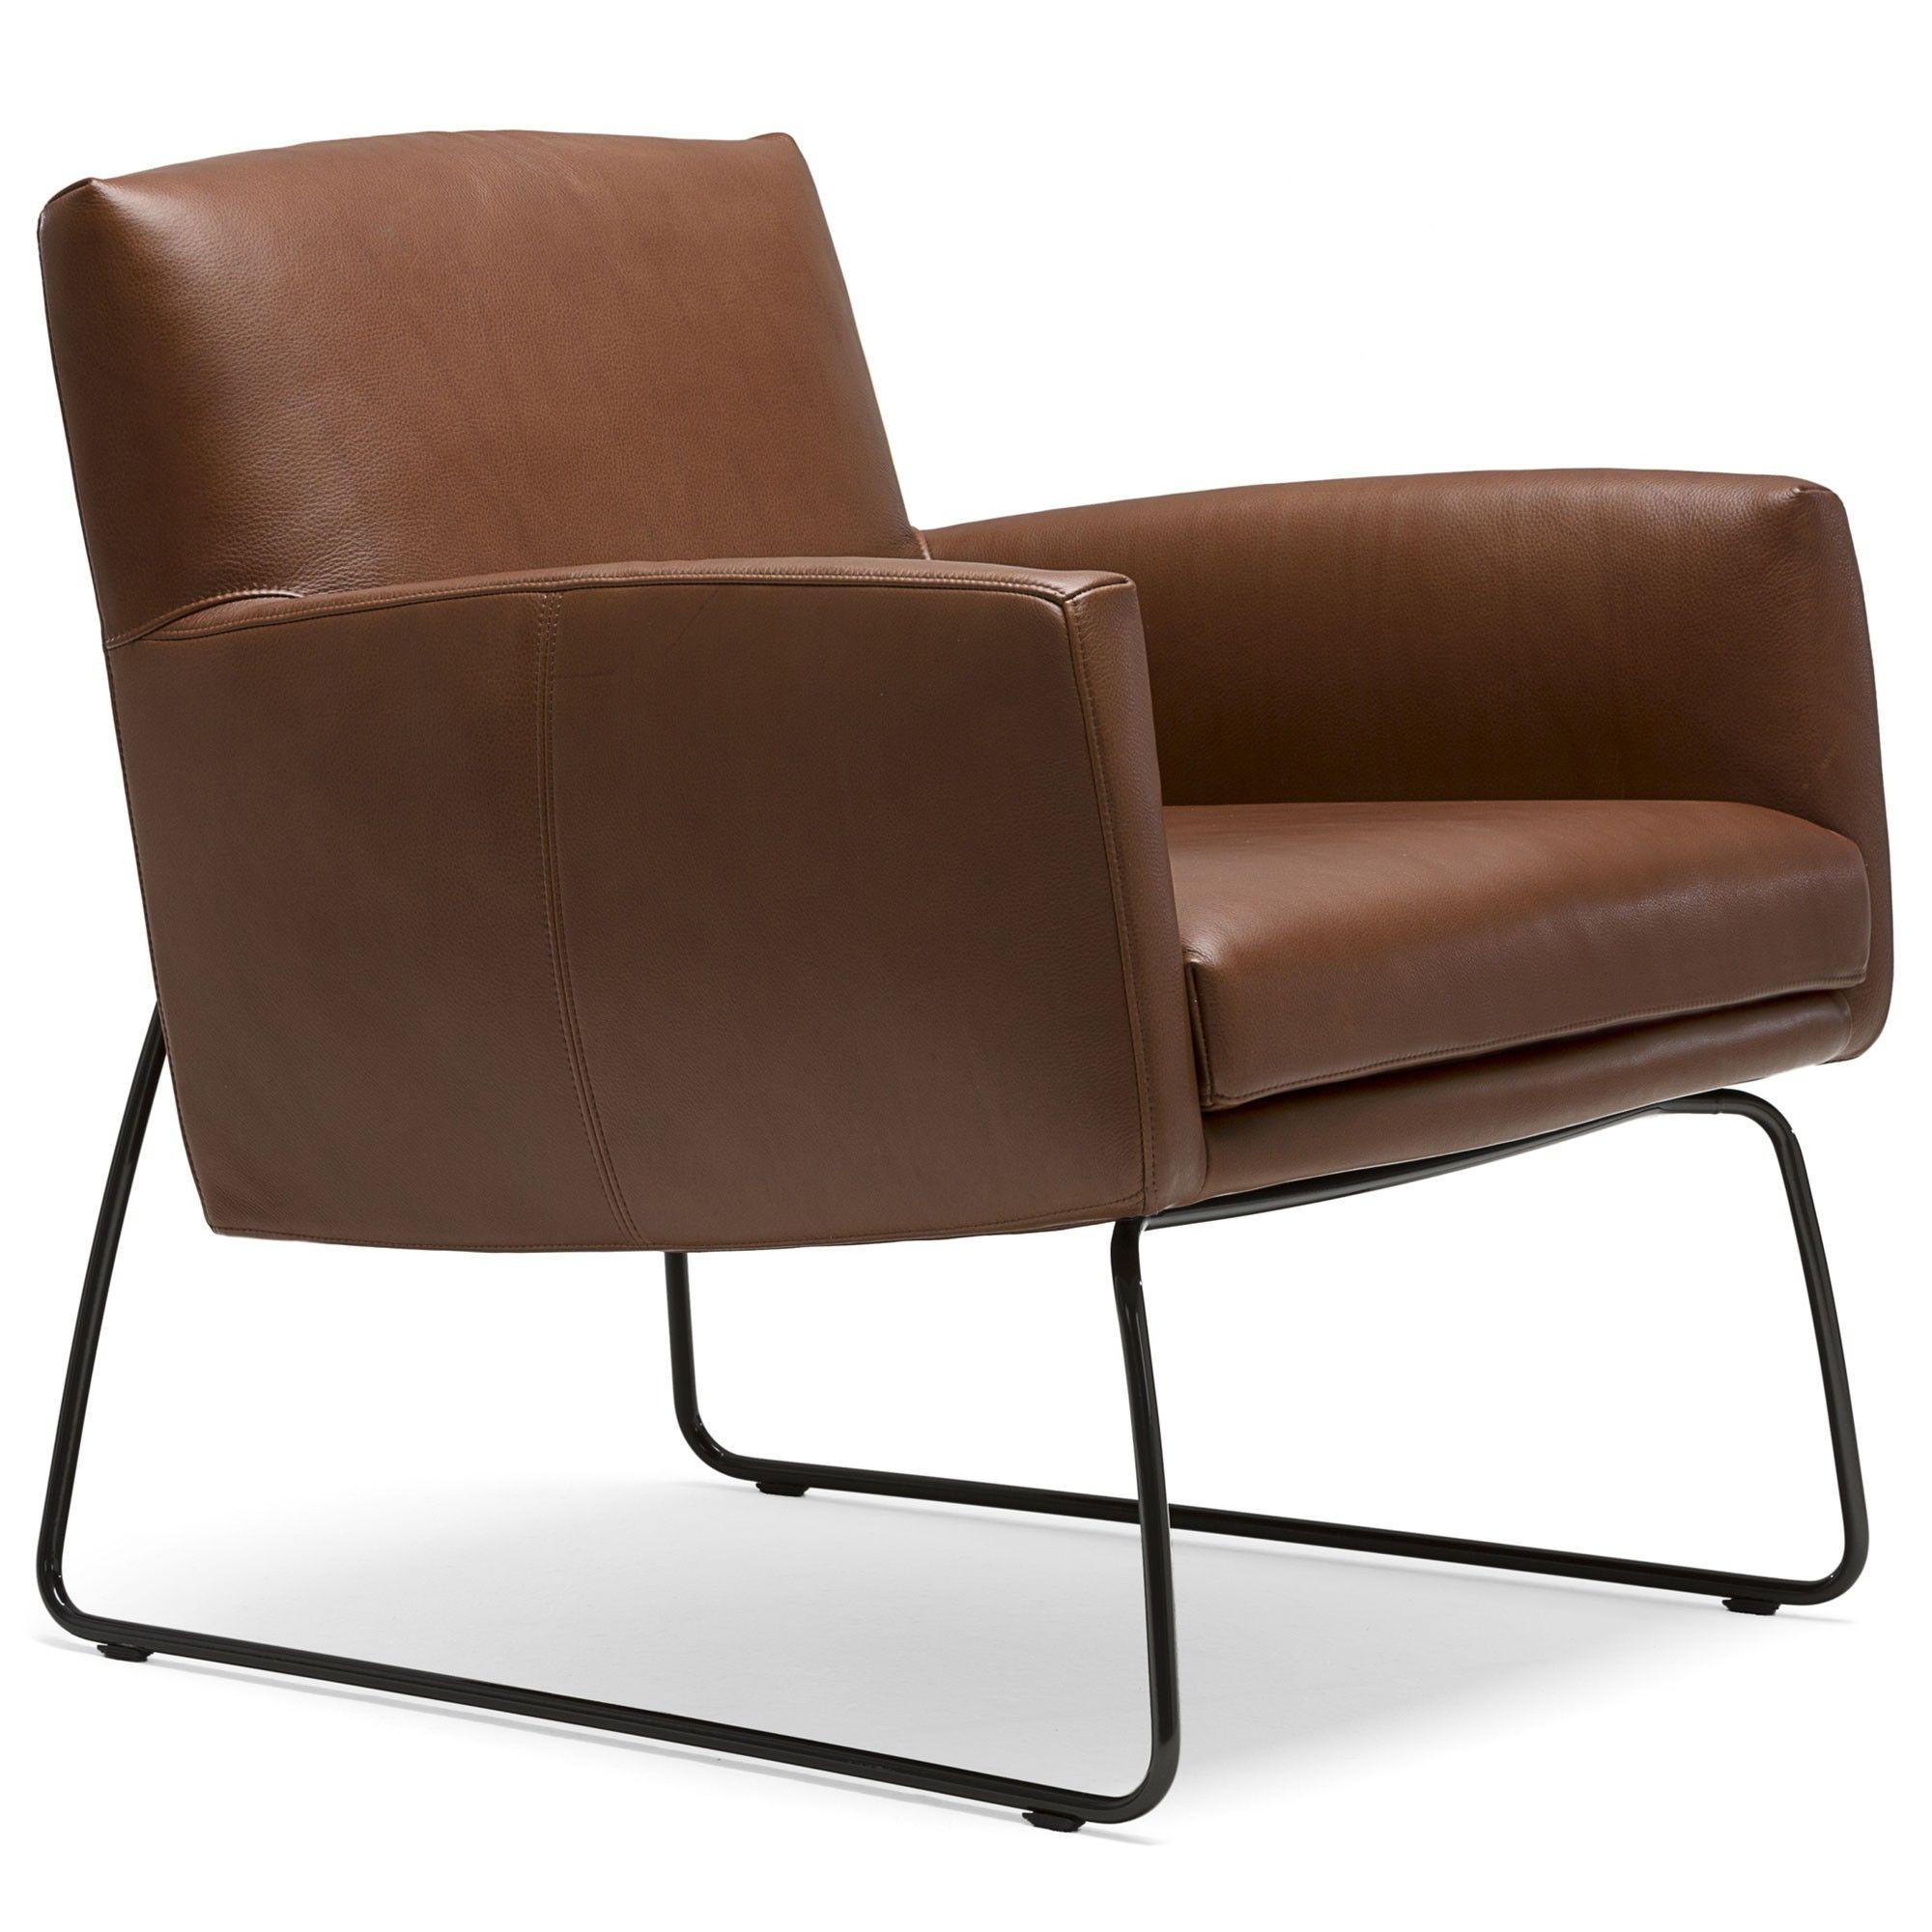 Fauteuil Design Leer.Design On Stock Tumbler Fauteuil Flinders Verzendt Gratis